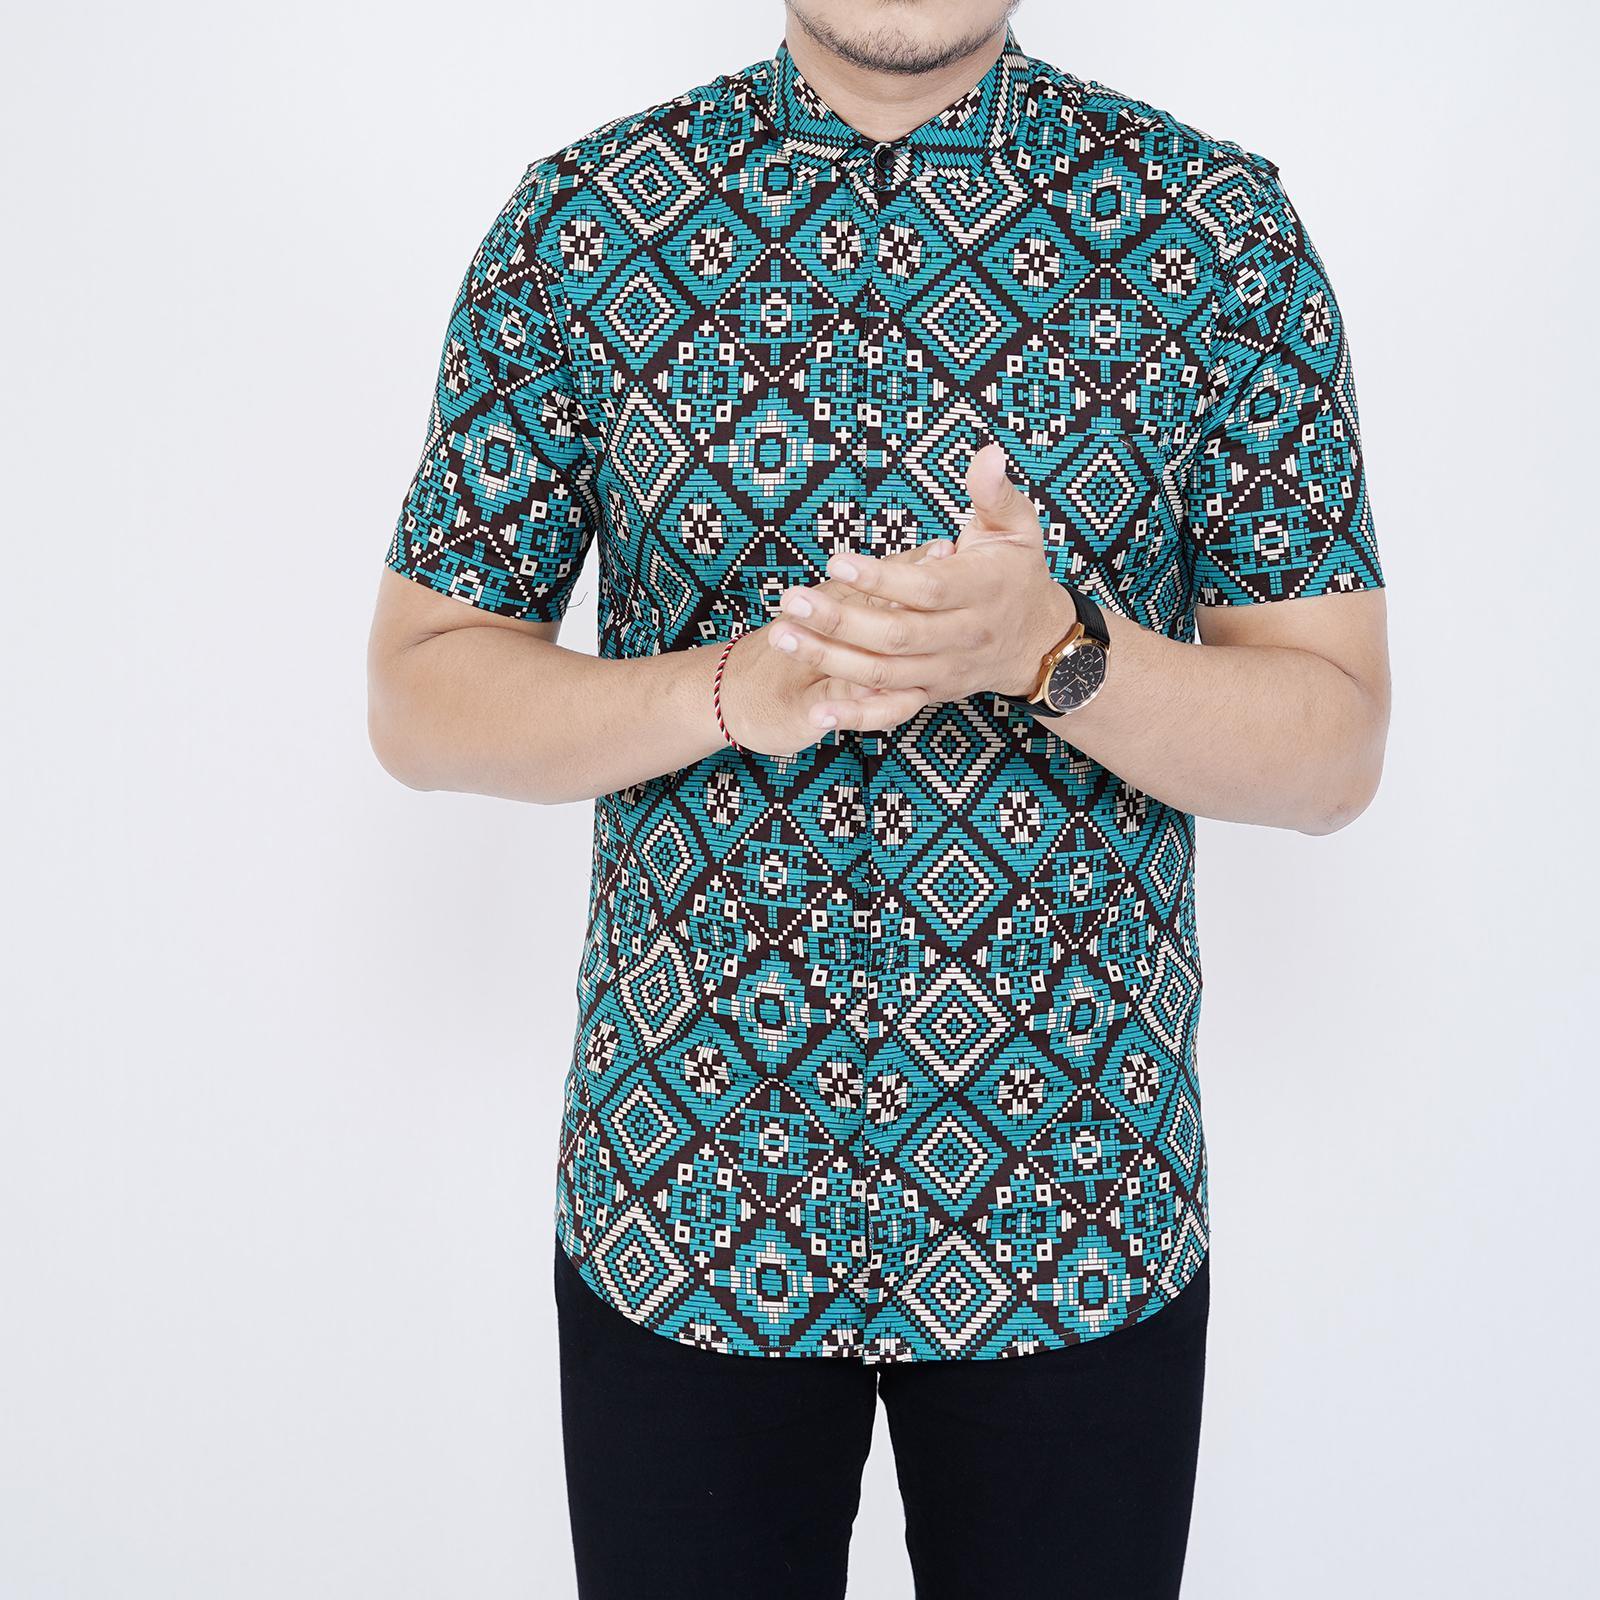 Jual Baju Batik Terbaik  3e69c64d2e